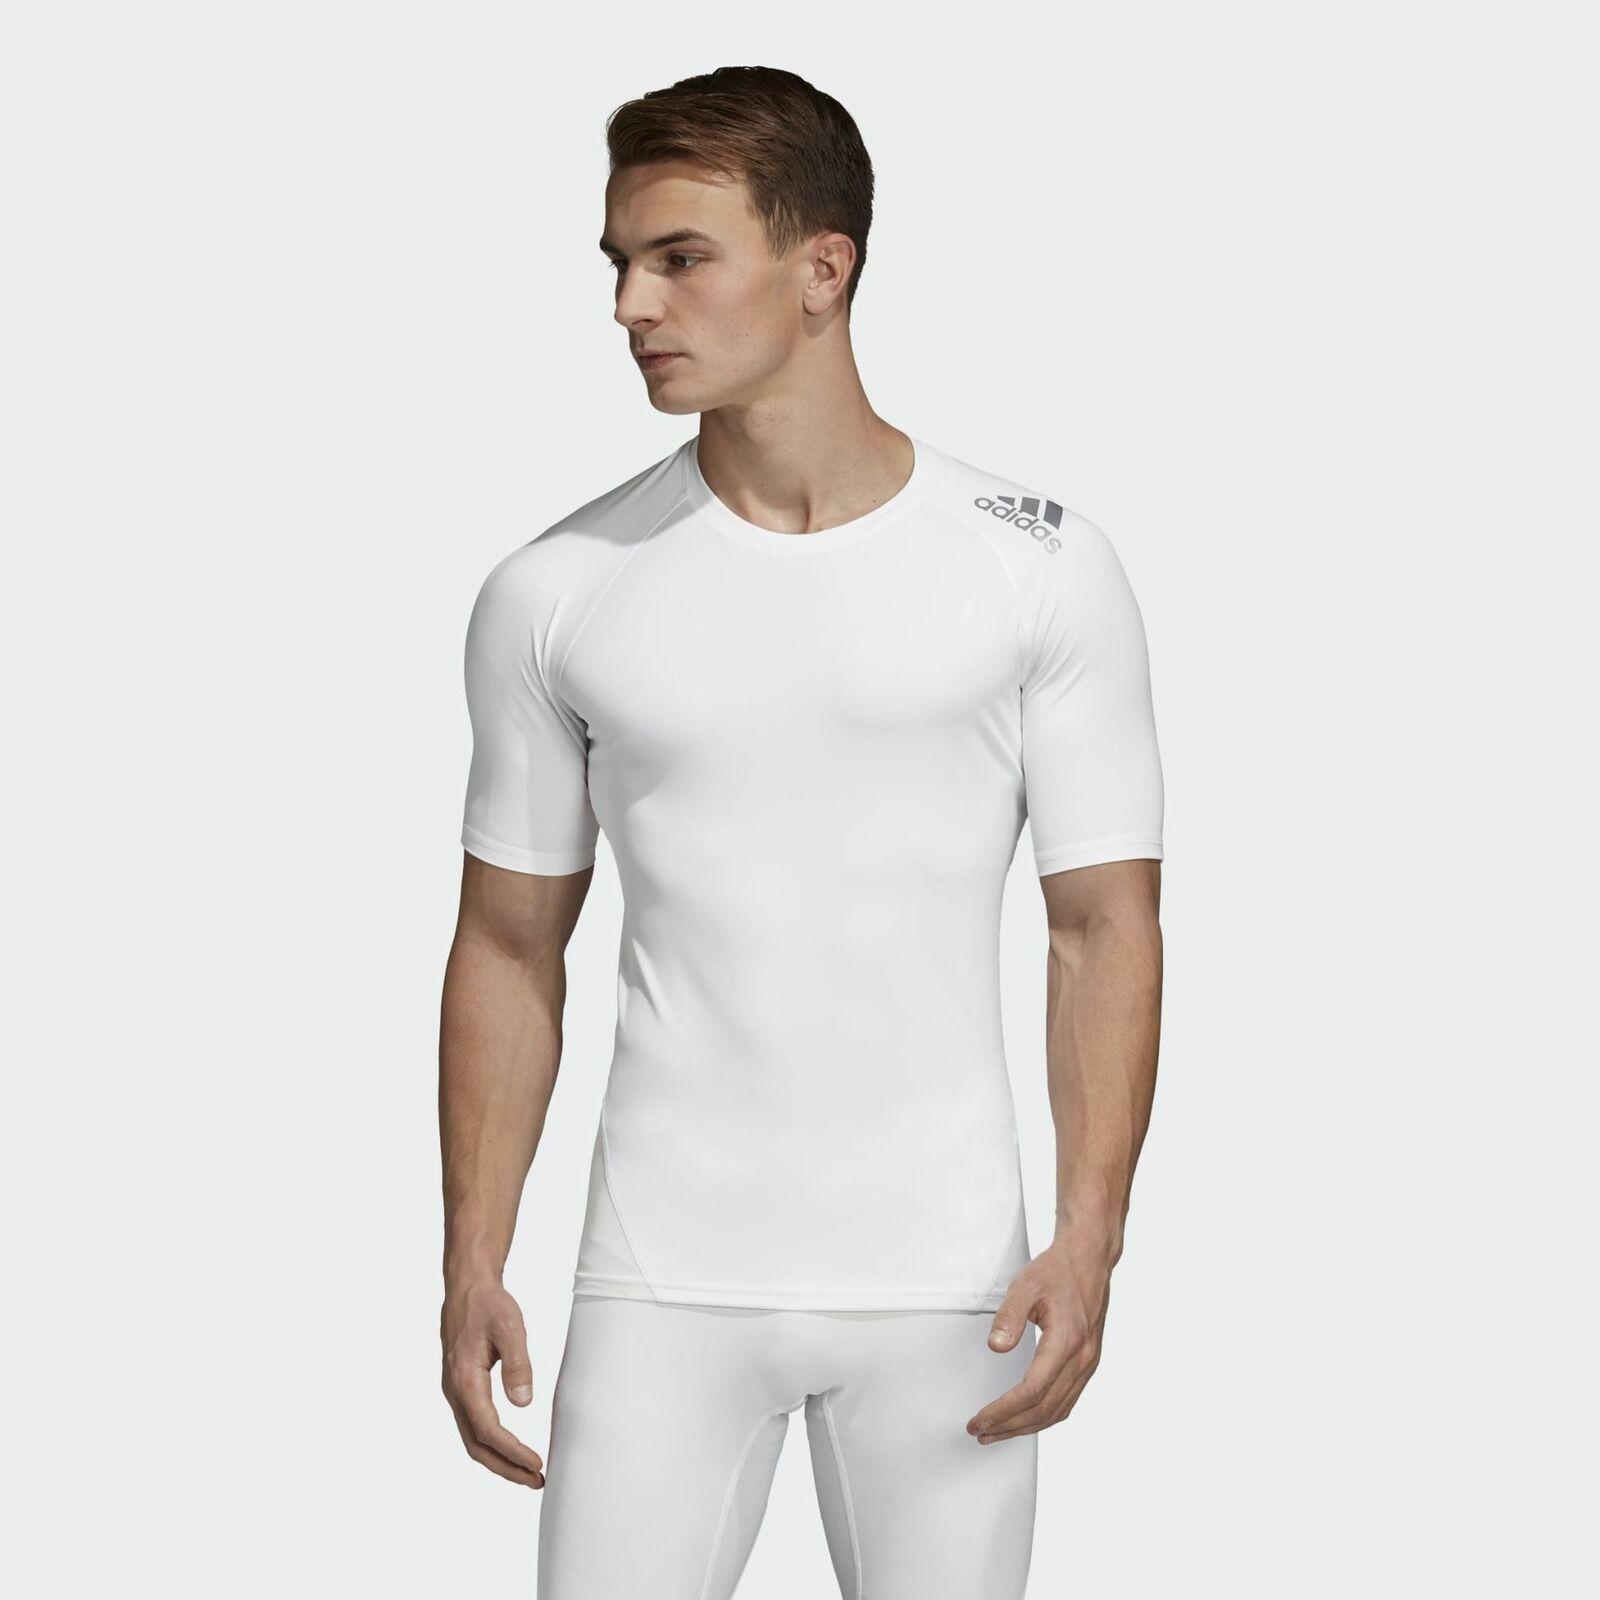 Adidas Alphaskin Sports T-Shirt Men